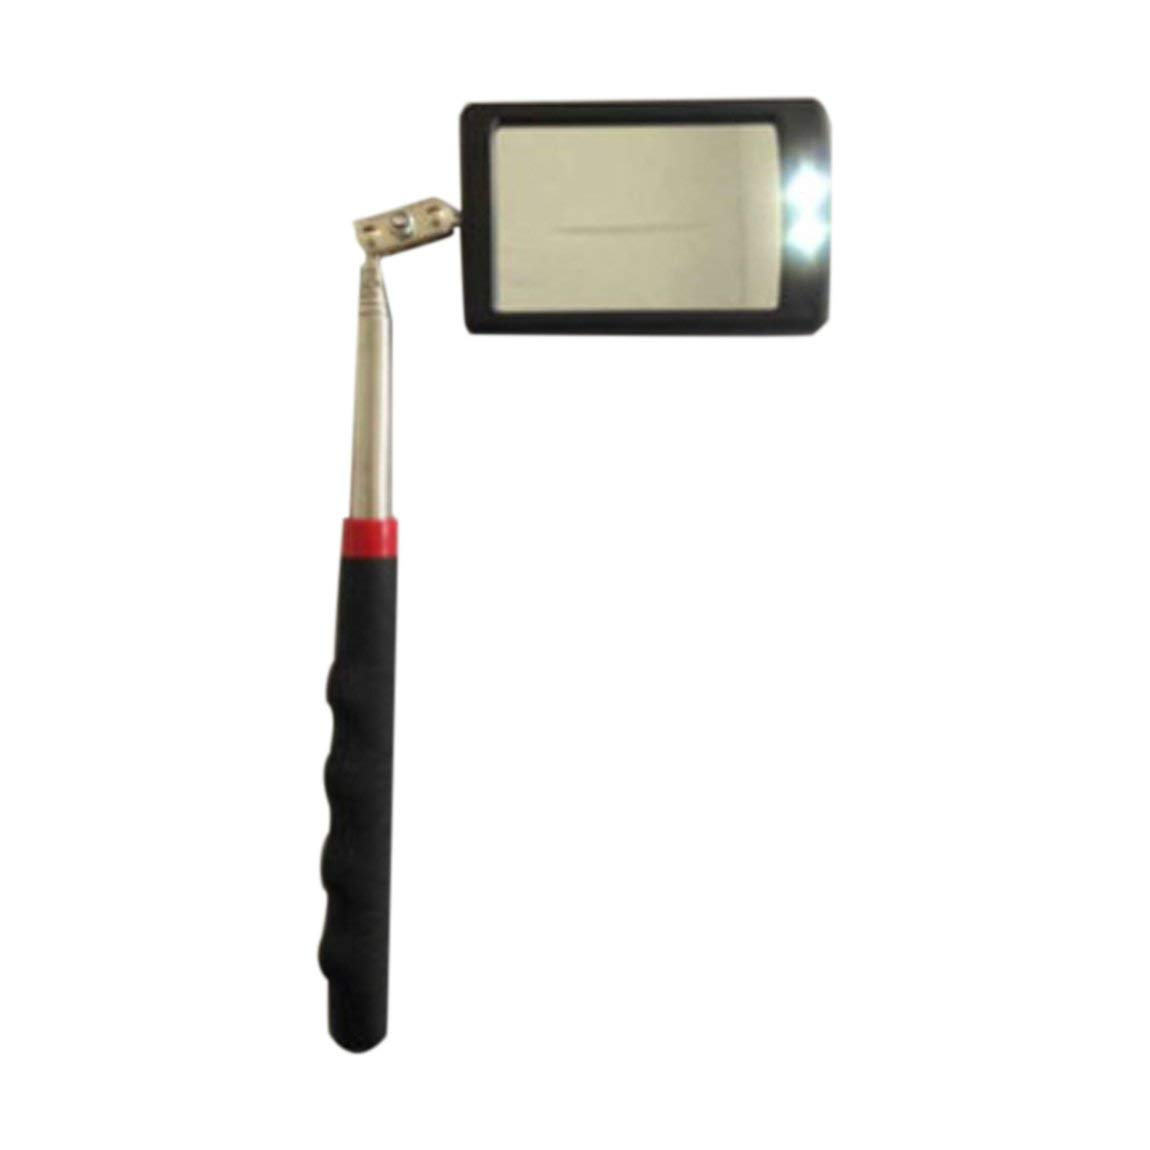 SeniorMar Specchio telescopico flessibile con illuminazione a LED luminosi 360 girevole per la visualizzazione extra Strumento portatile portatile